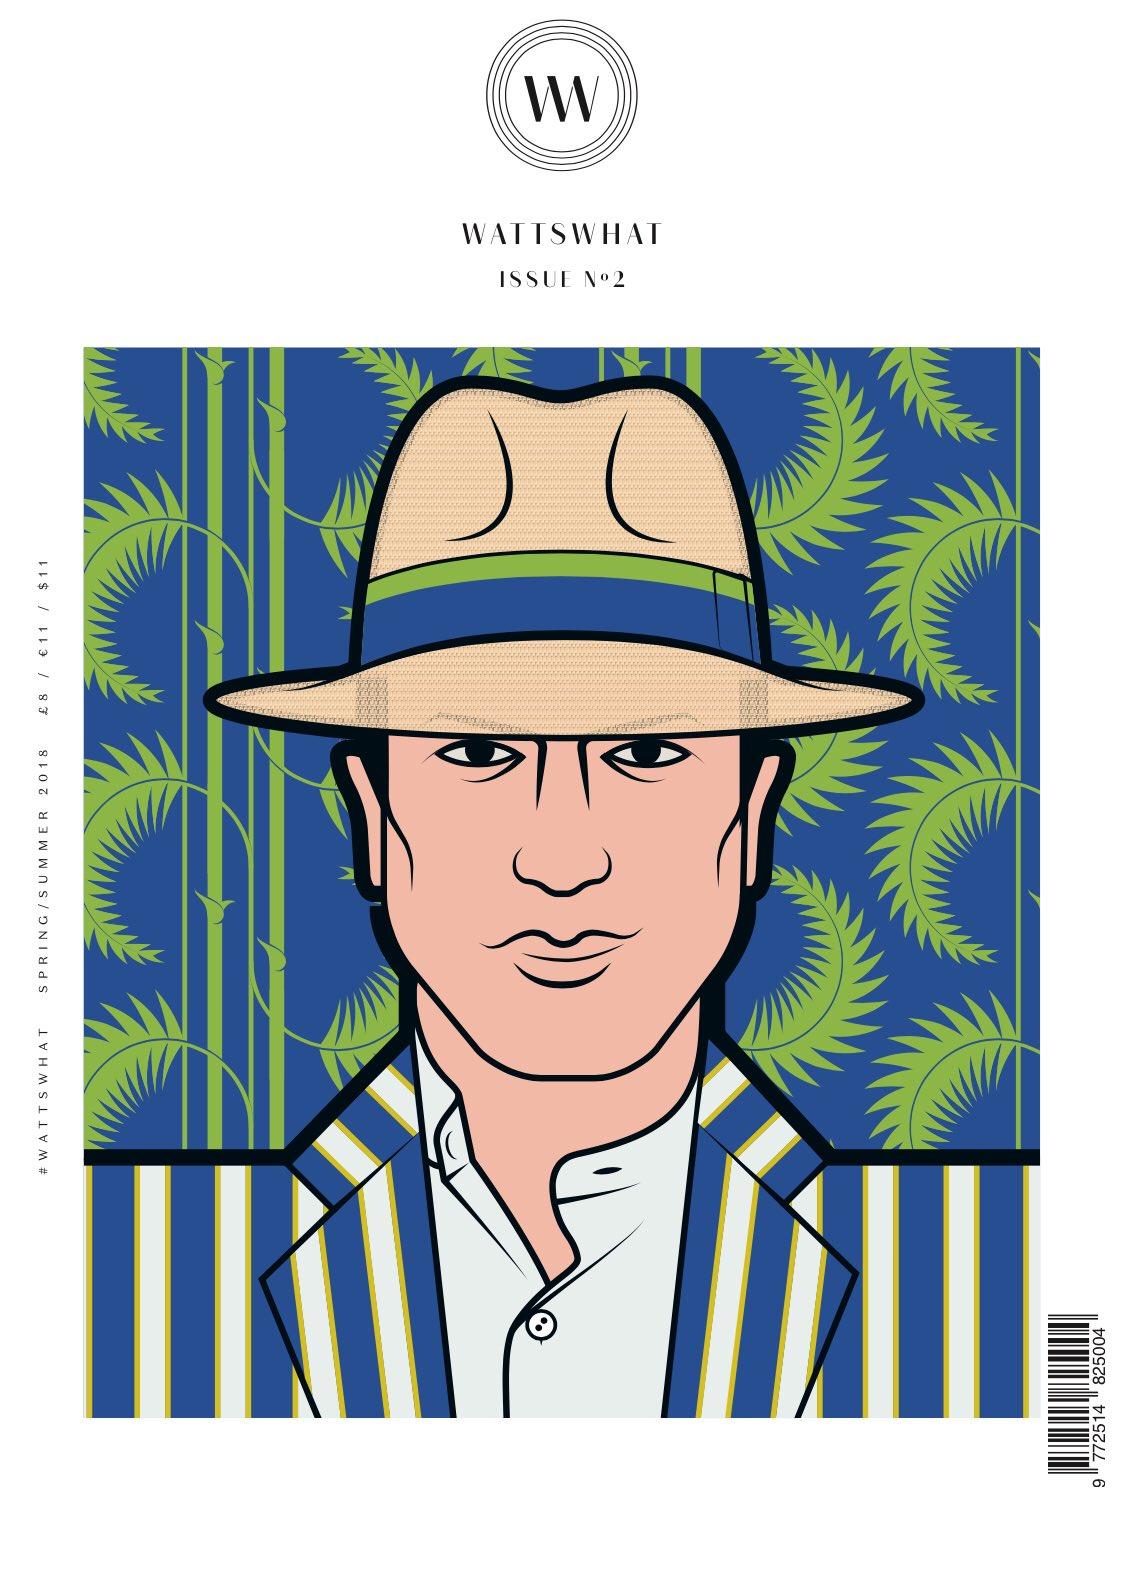 Wattswhat magazine no 2